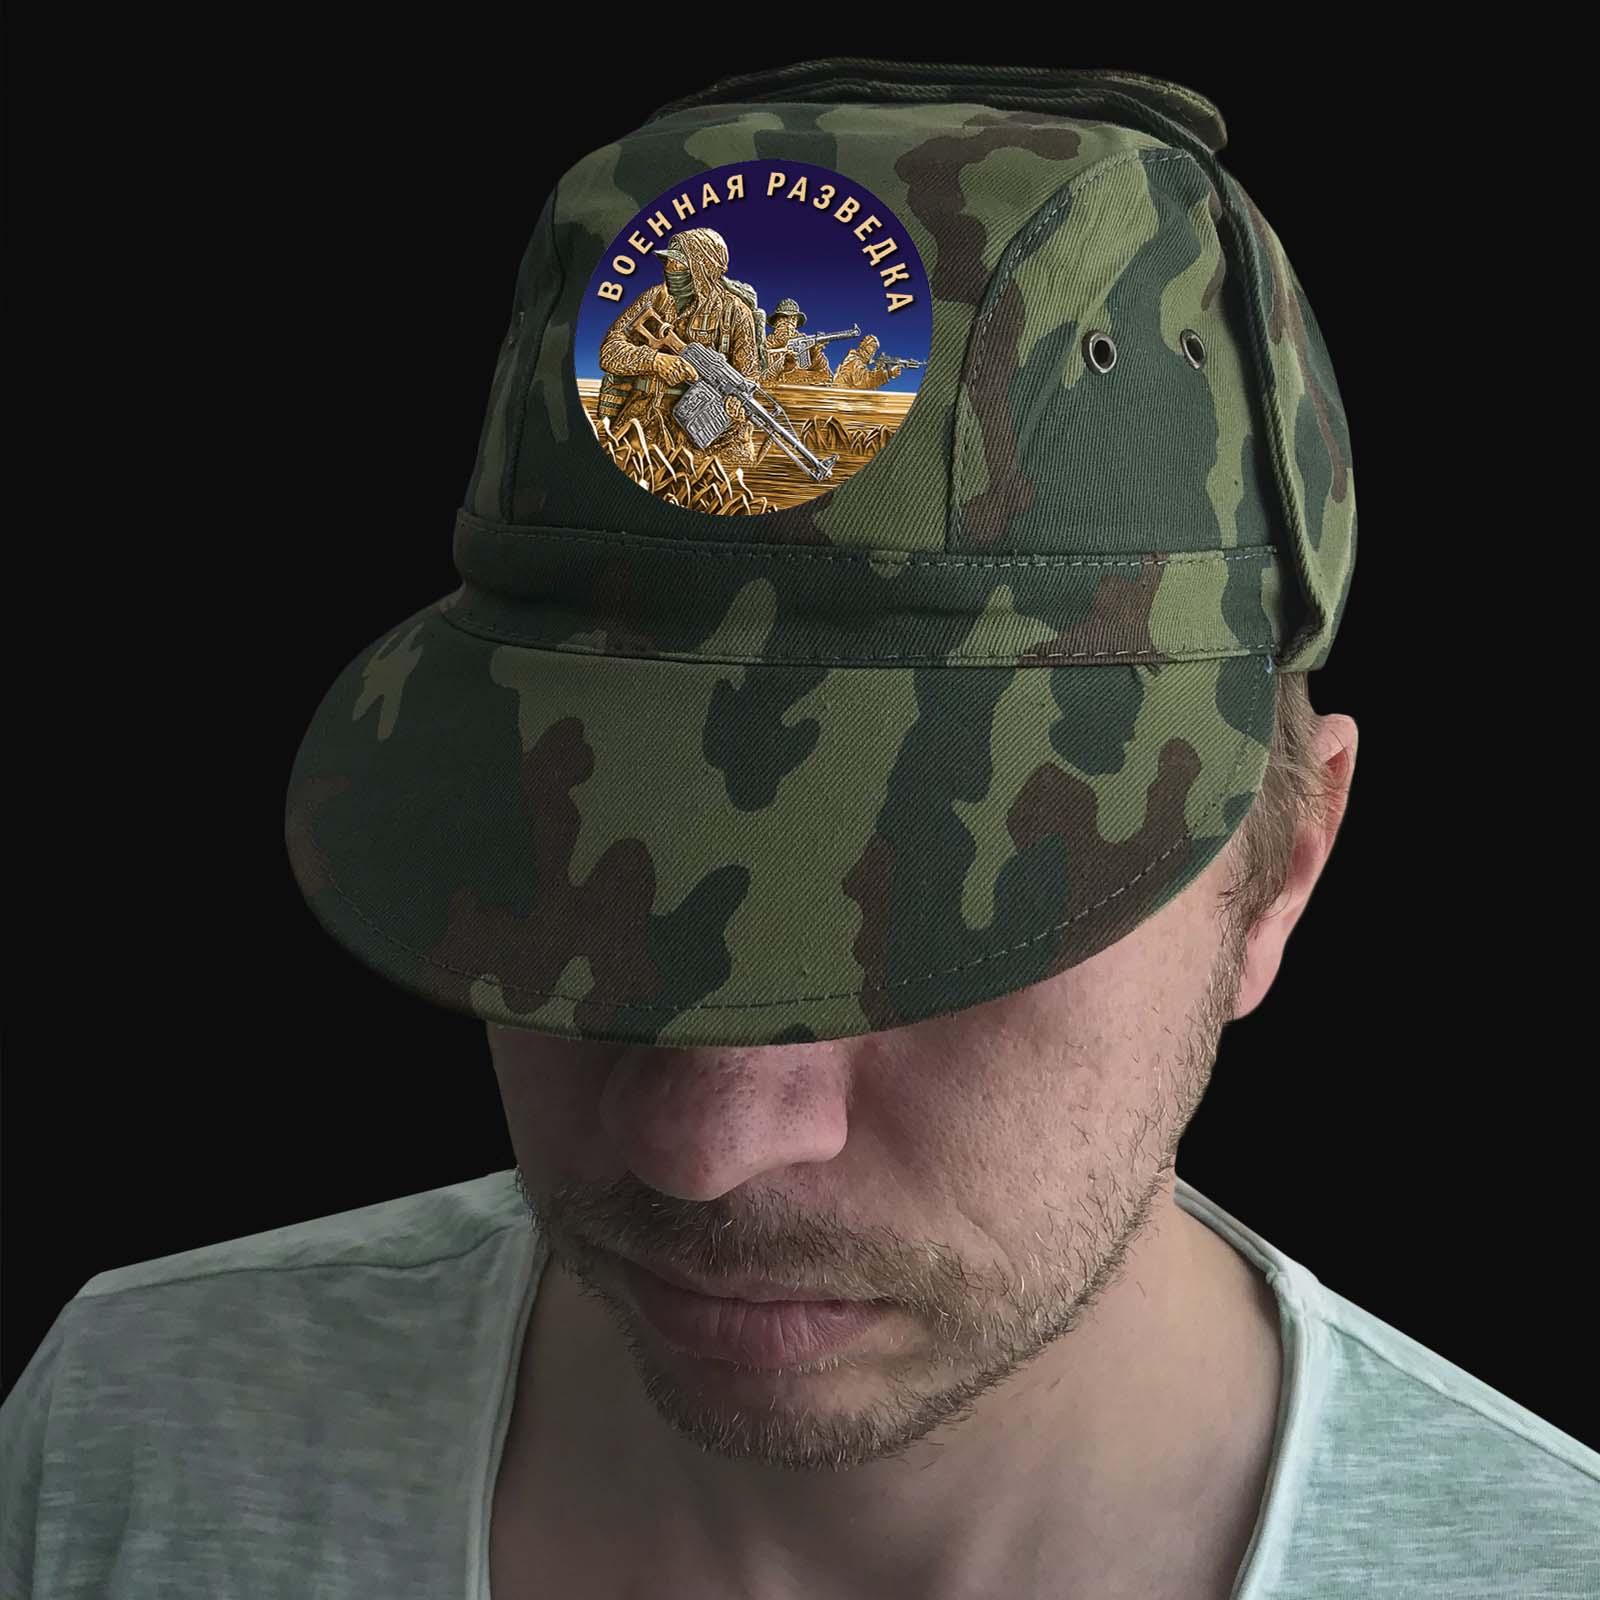 Камуфляжная кепка Вудланд Военная разведка